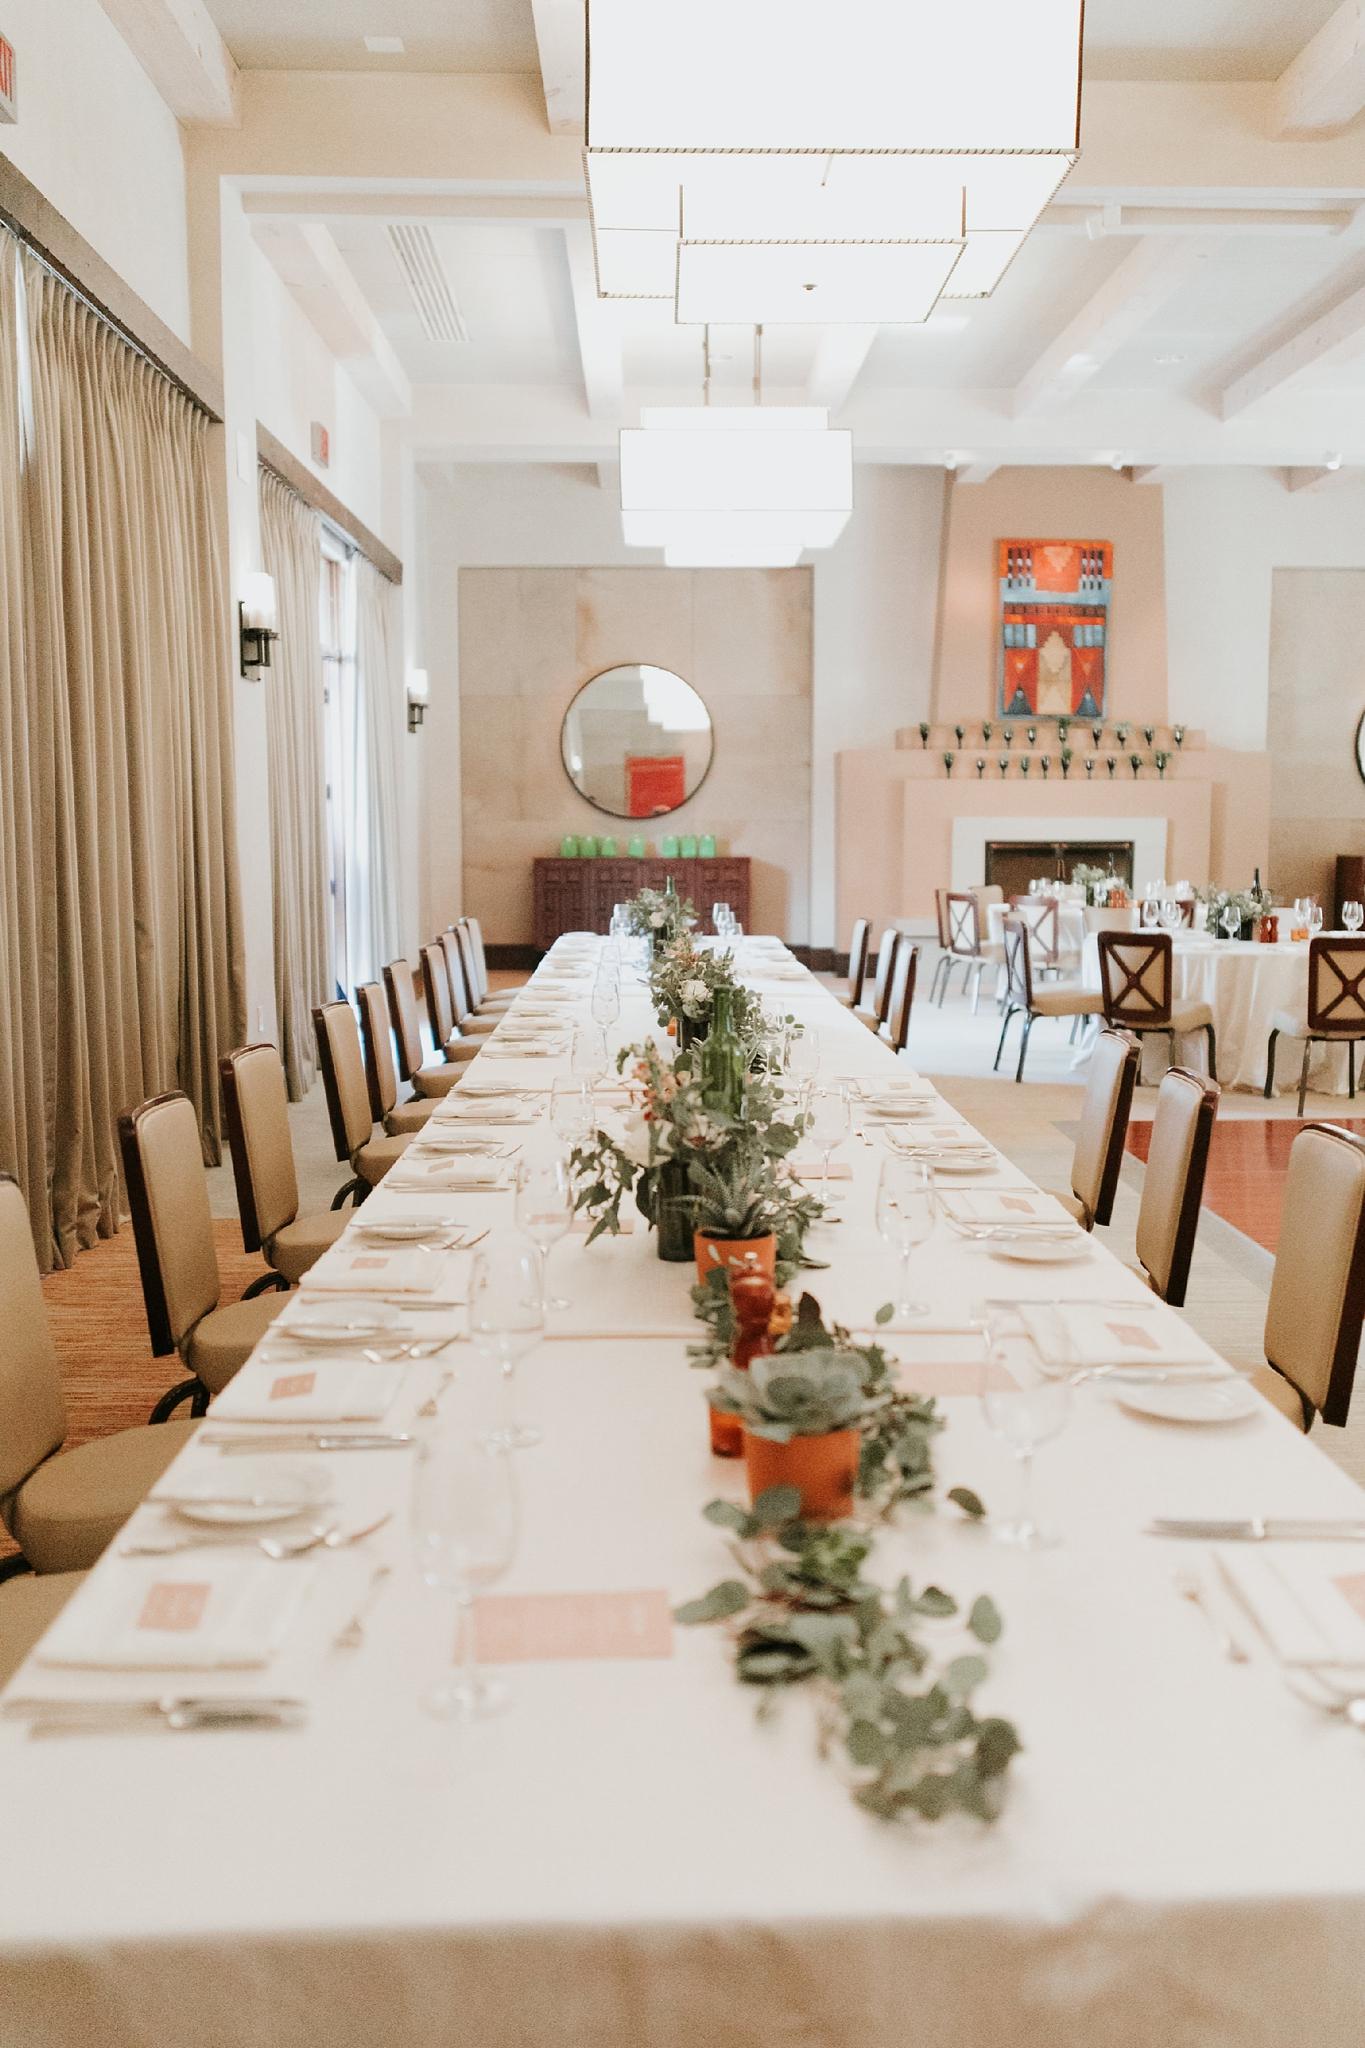 Alicia+lucia+photography+-+albuquerque+wedding+photographer+-+santa+fe+wedding+photography+-+new+mexico+wedding+photographer+-+new+mexico+wedding+-+summer+wedding+-+summer+wedding+florals+-+southwest+wedding_0113.jpg